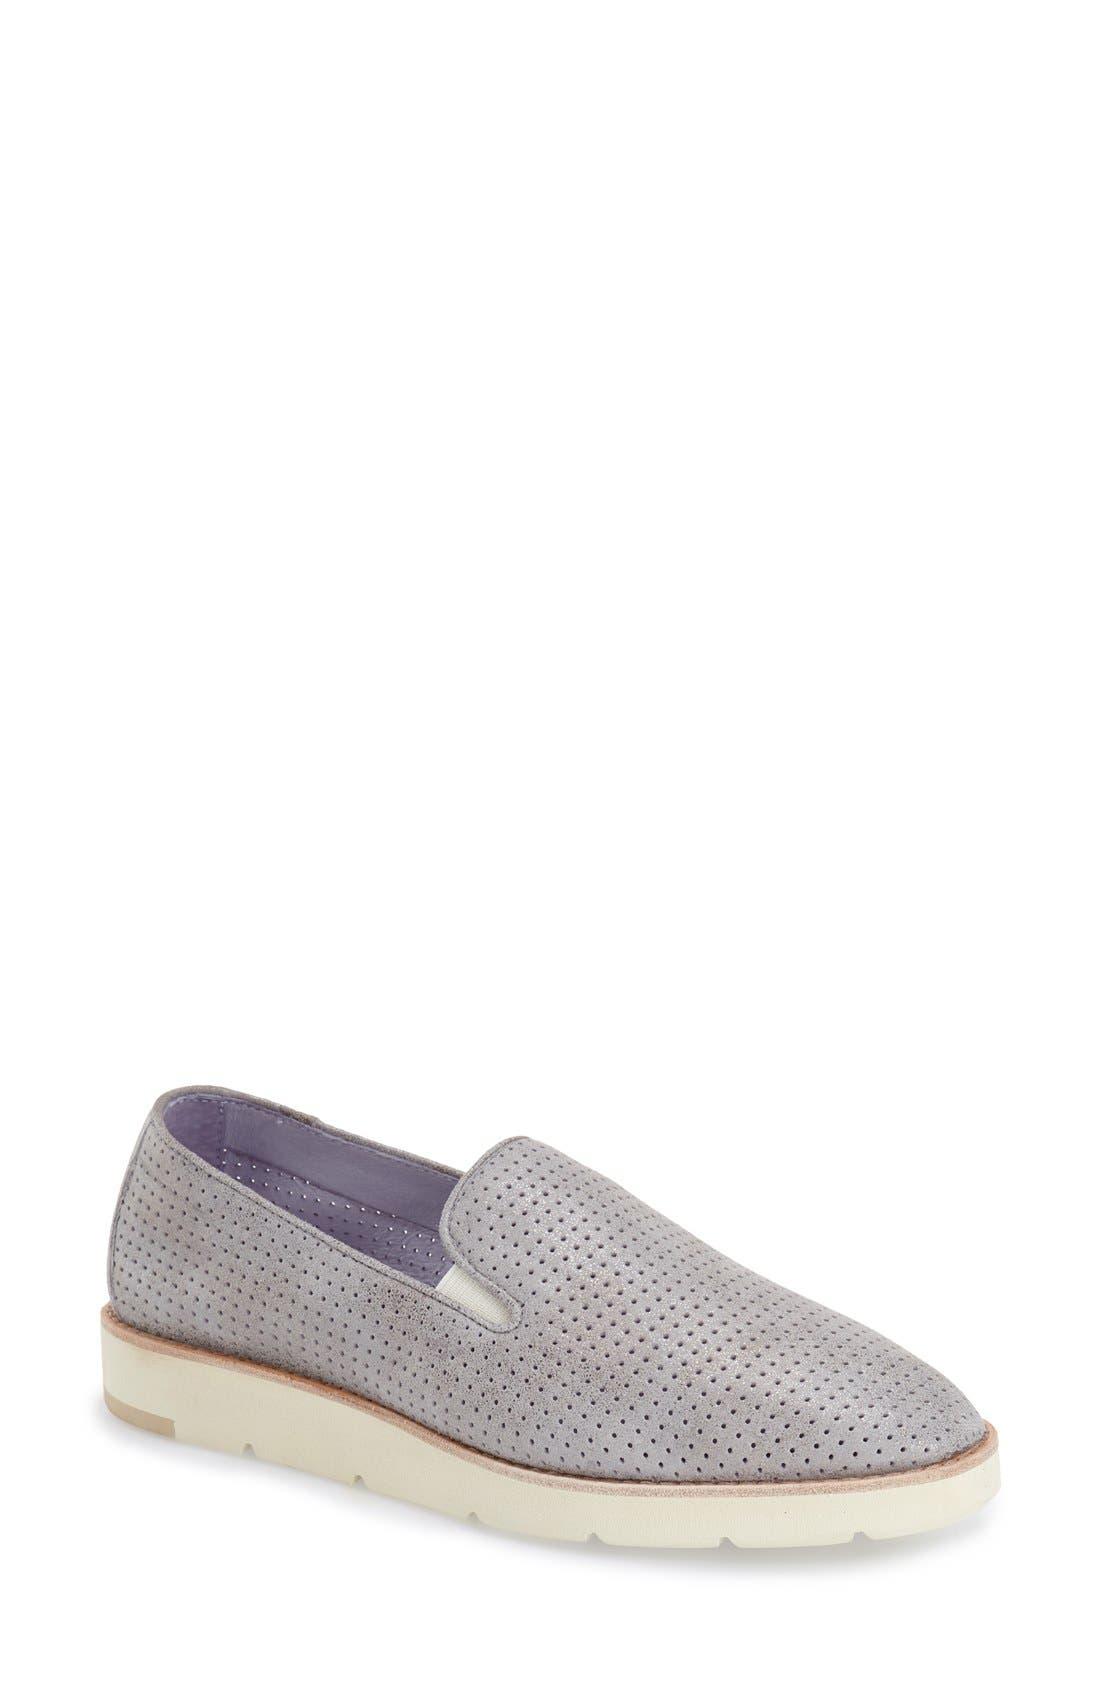 Alternate Image 1 Selected - Johnston & Murphy 'Paulette' Slip-On Sneaker (Women)